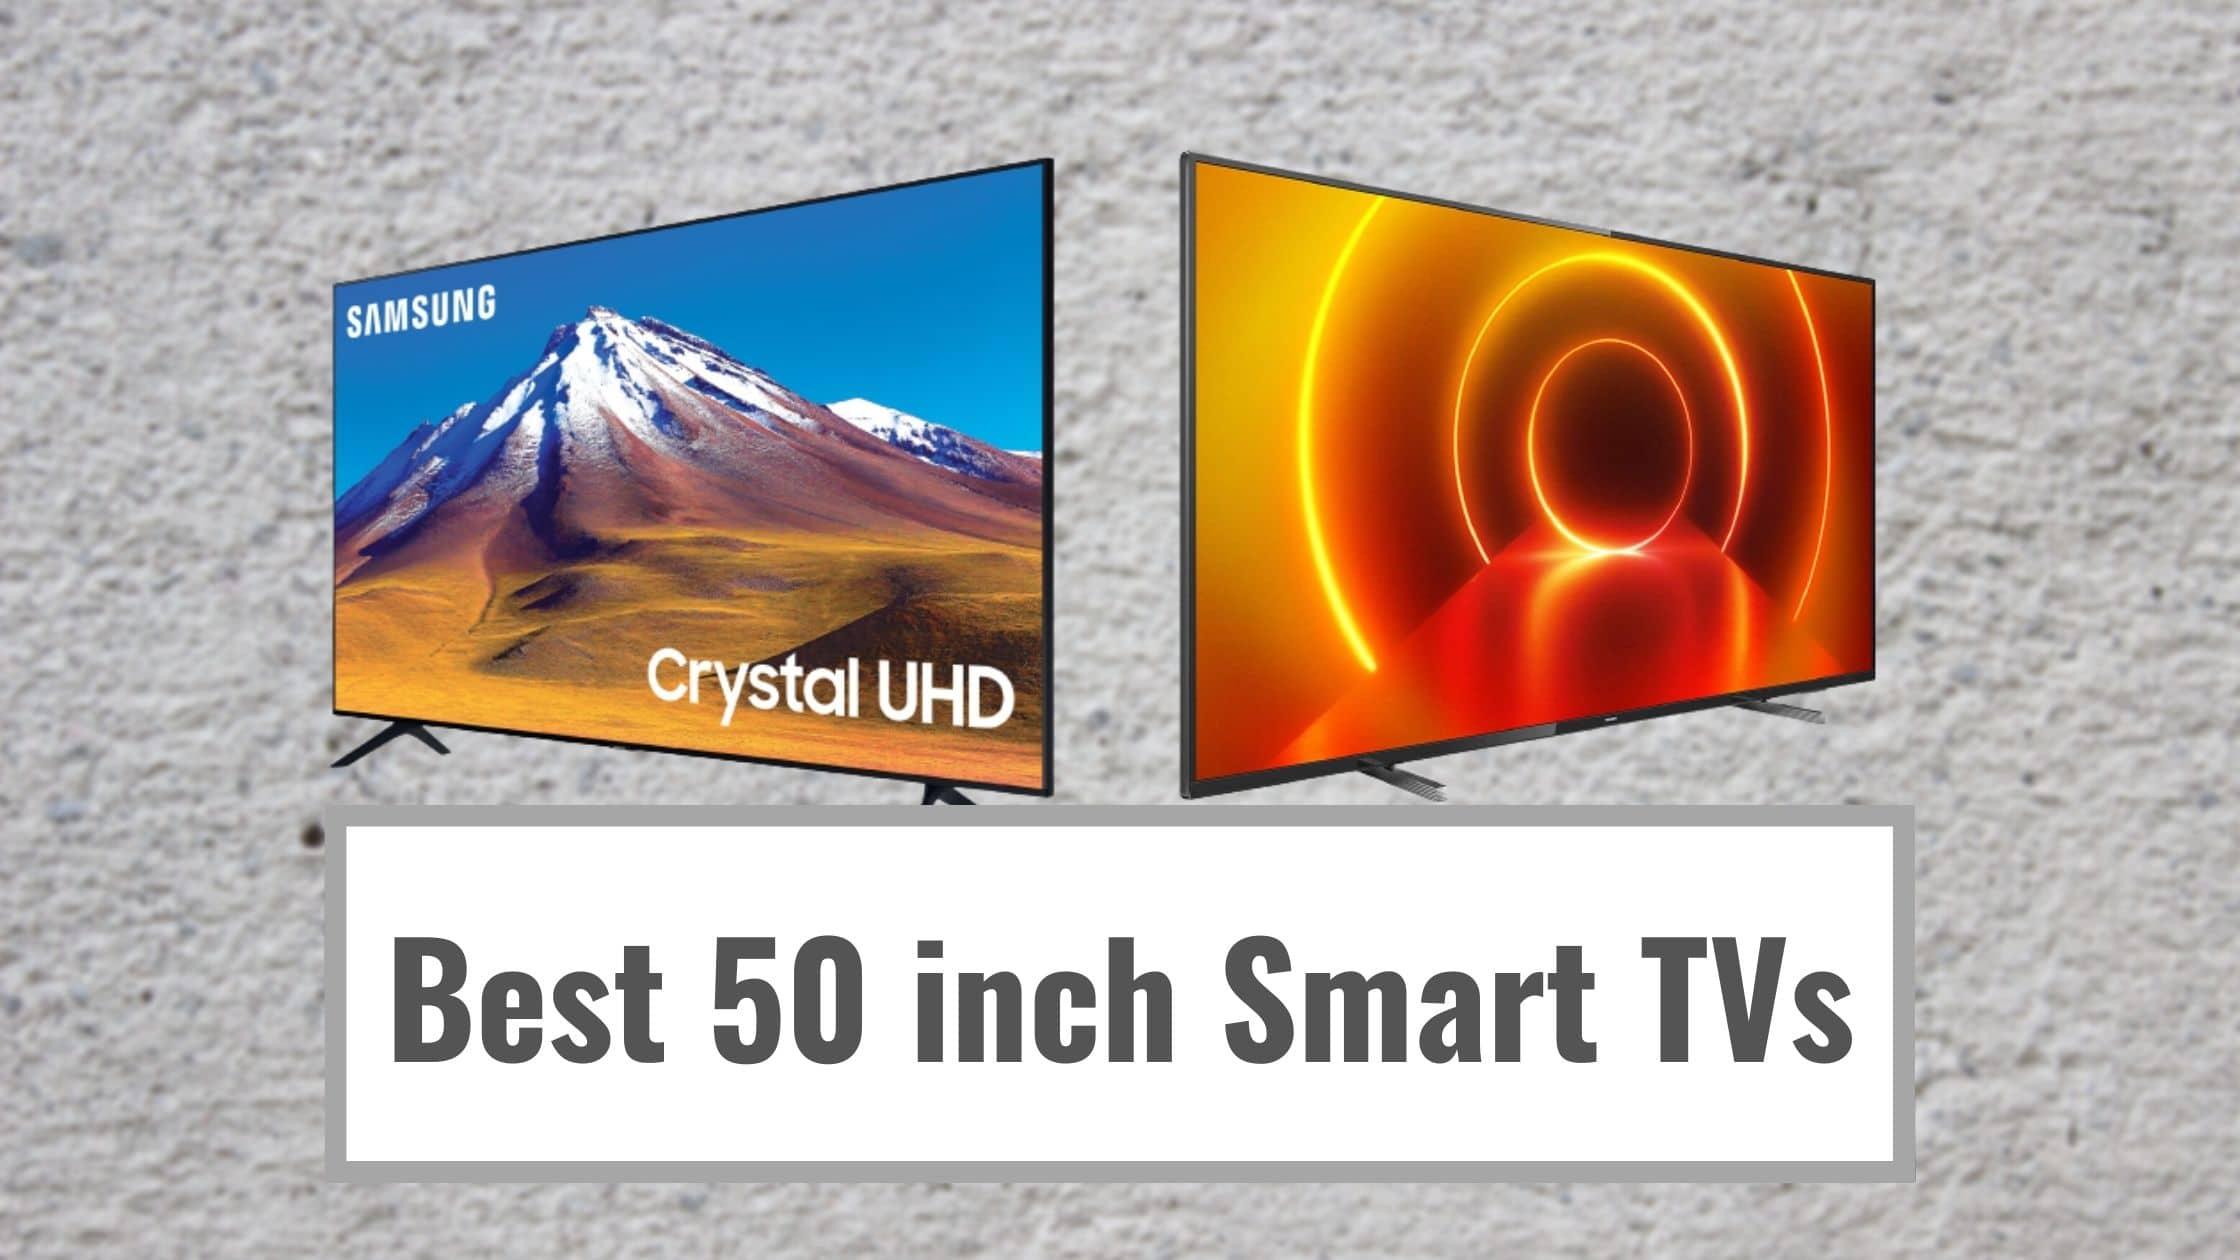 Best 50 inch Smart TVs